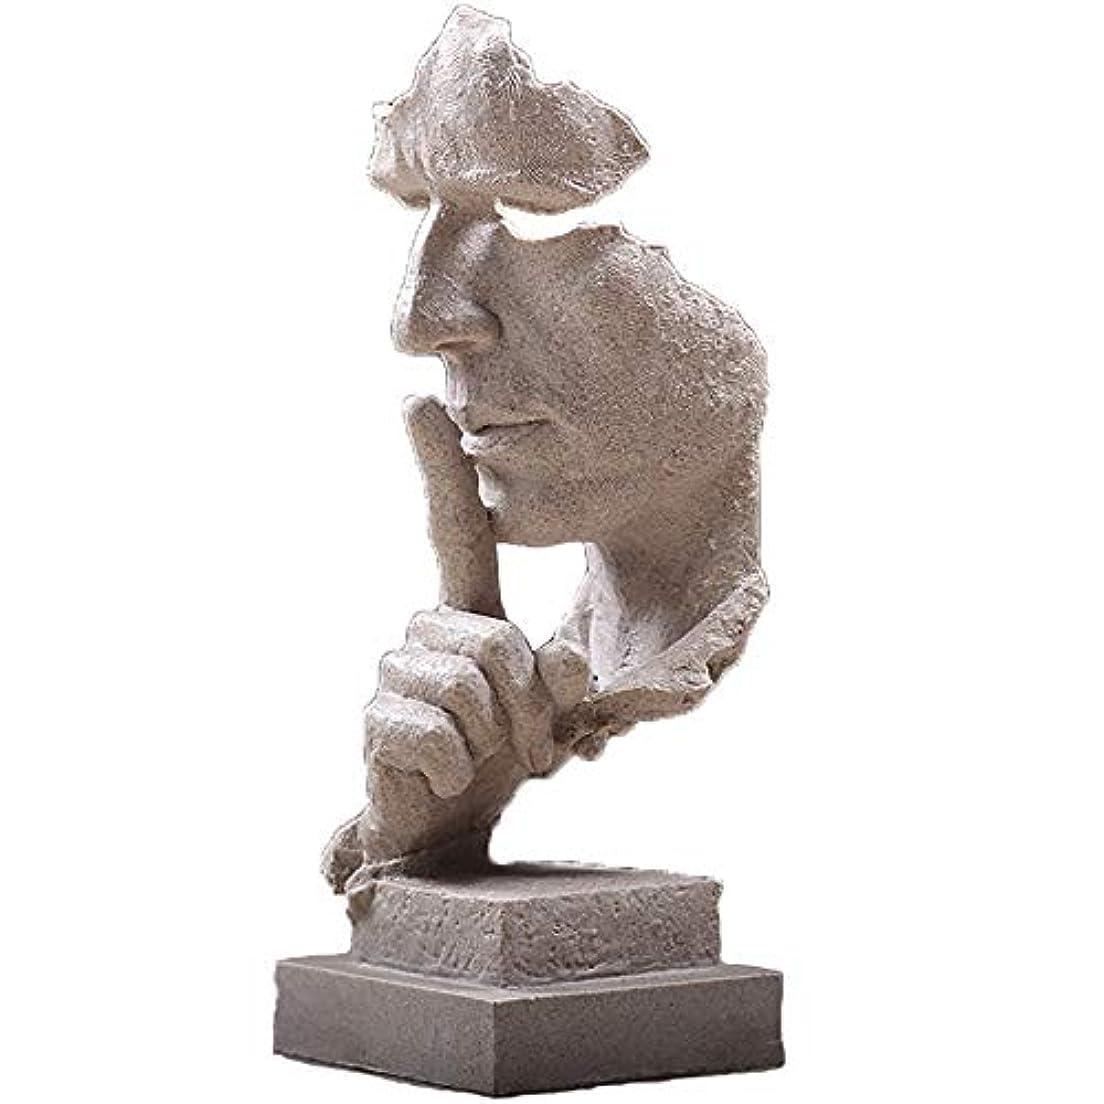 啓示省お祝い樹脂抽象彫刻沈黙はゴールデン男性像キャラクター工芸品装飾用オフィスリビングルームアートワーク,White